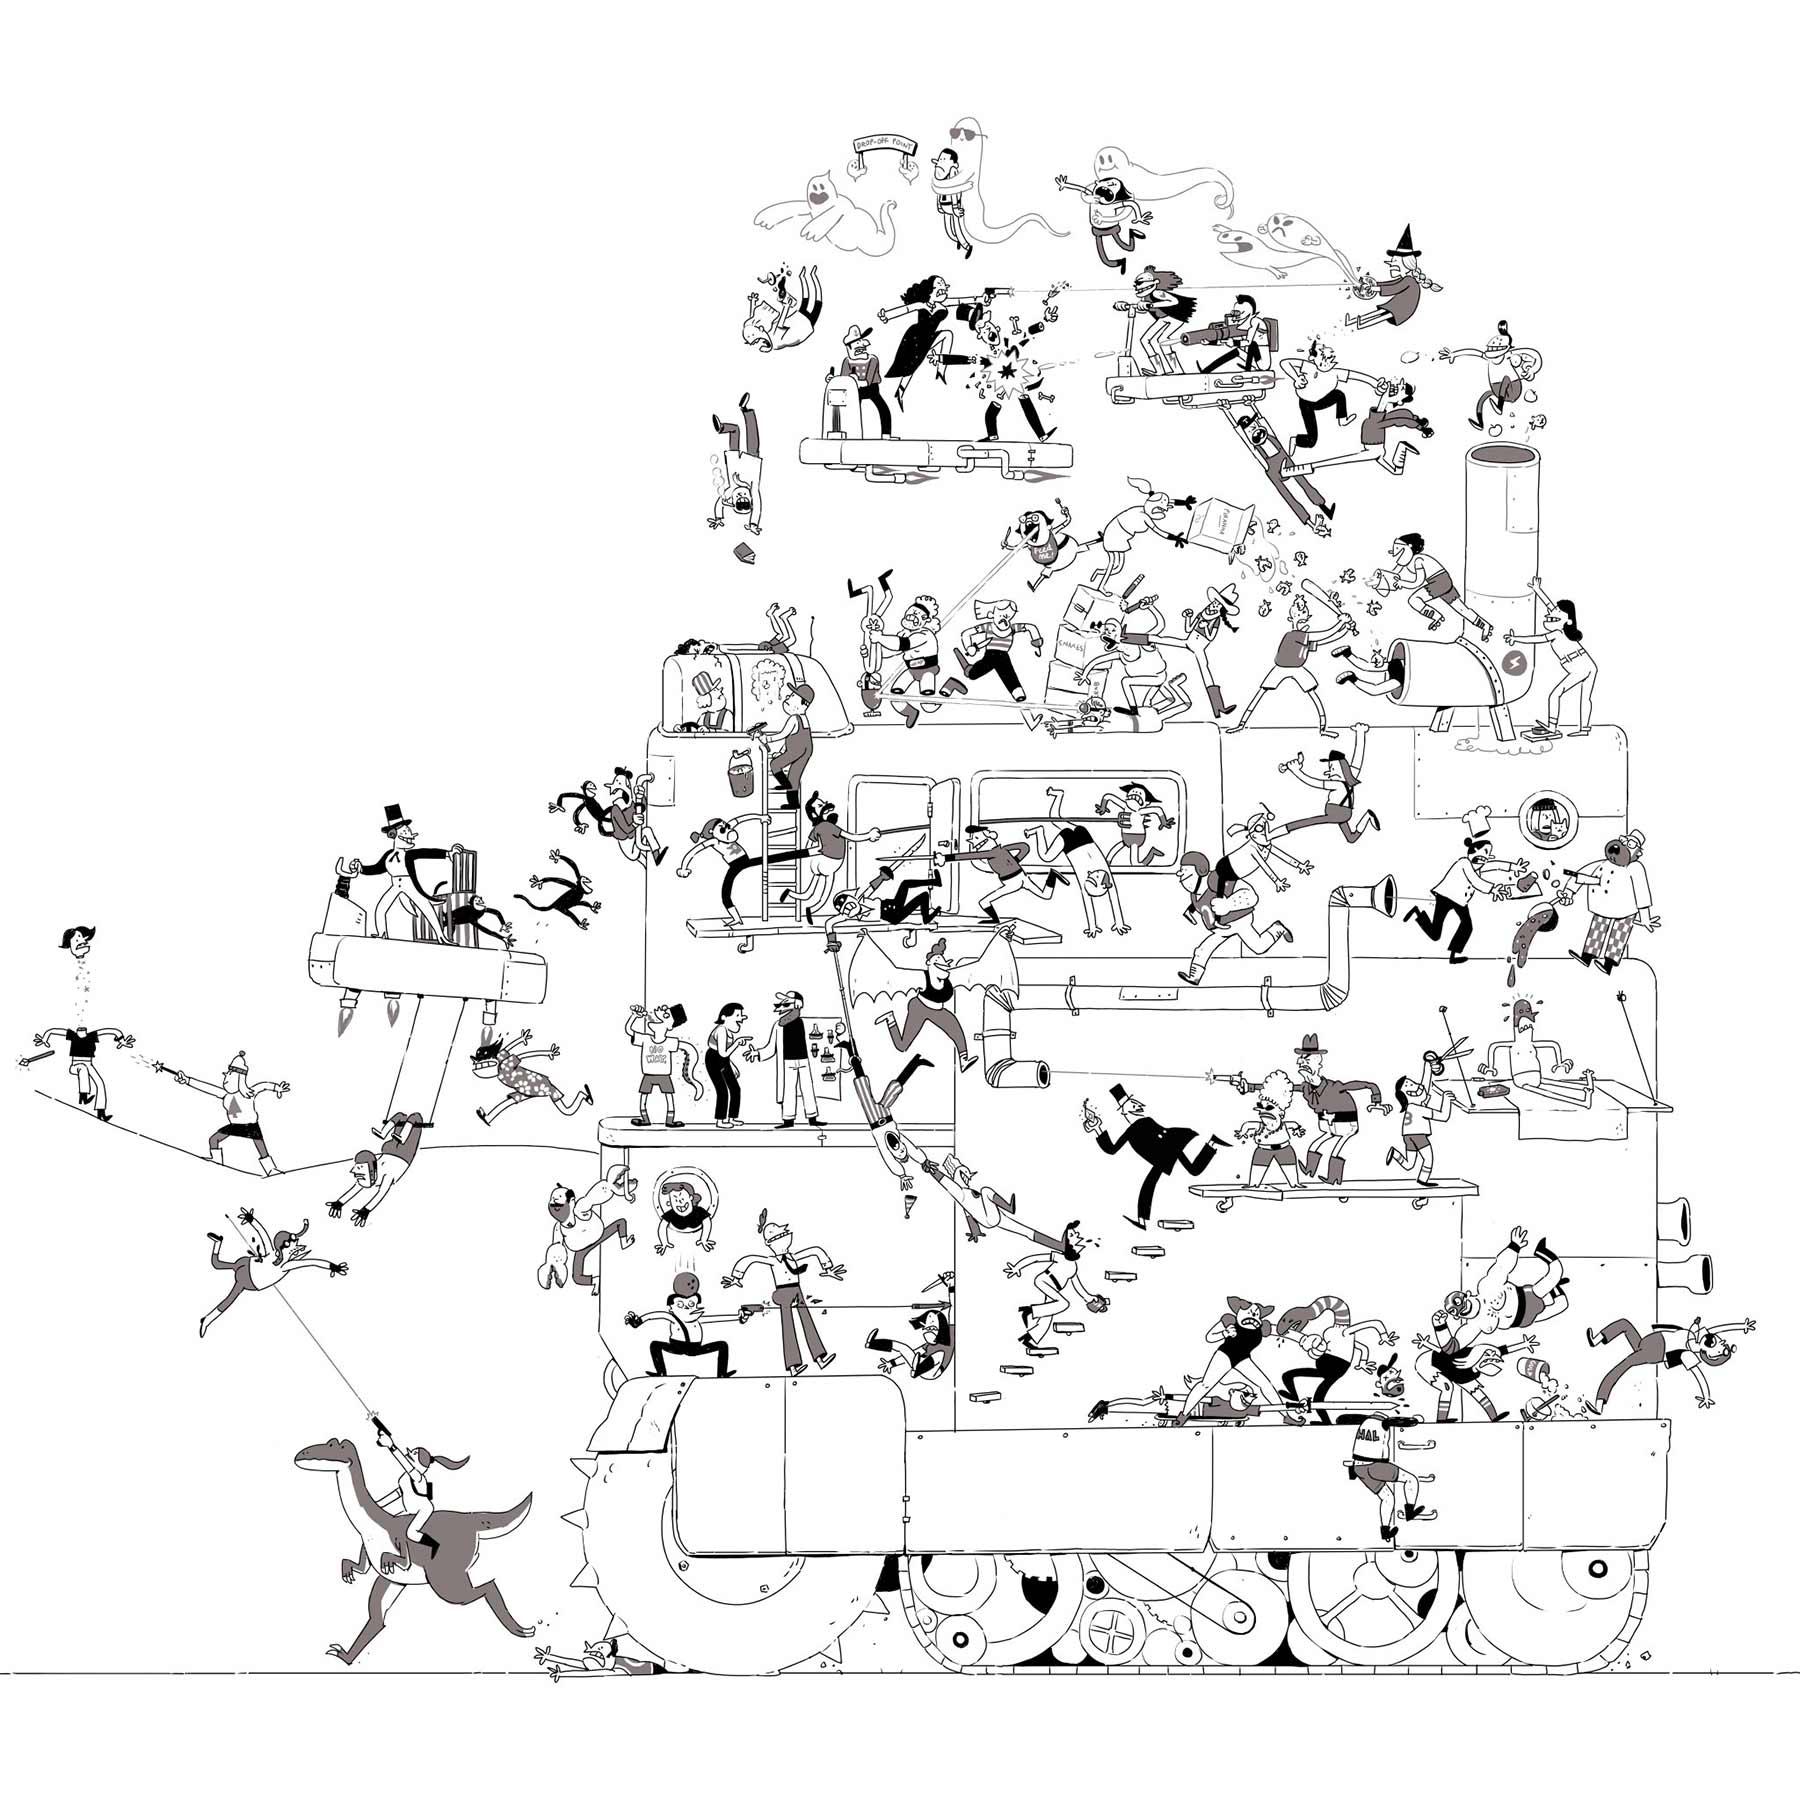 Jeden Tag wird diese Zeichnung einer Schlägerei um eine Figur erweitert Tom-Gran_schlaegerei-jeden-tag-eine-neue-figur_10